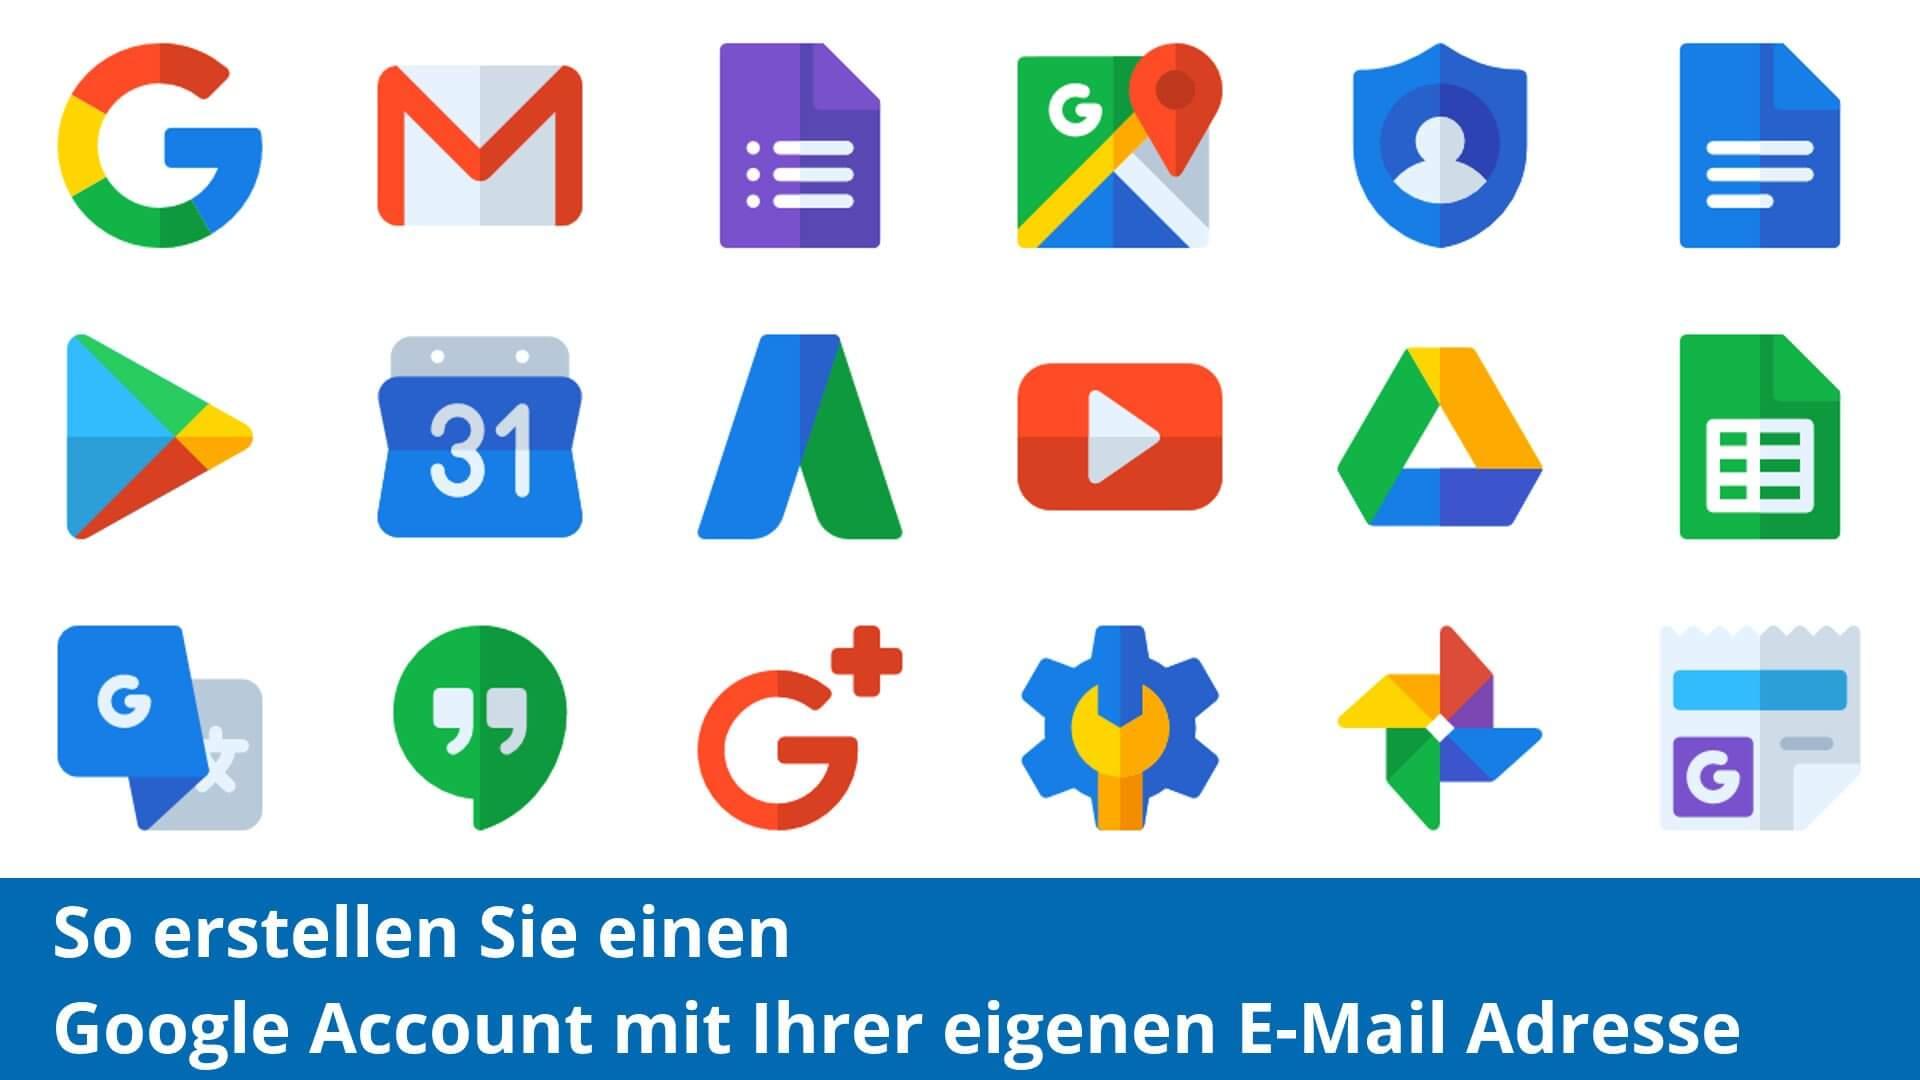 Grafik mit vielen Googleicons